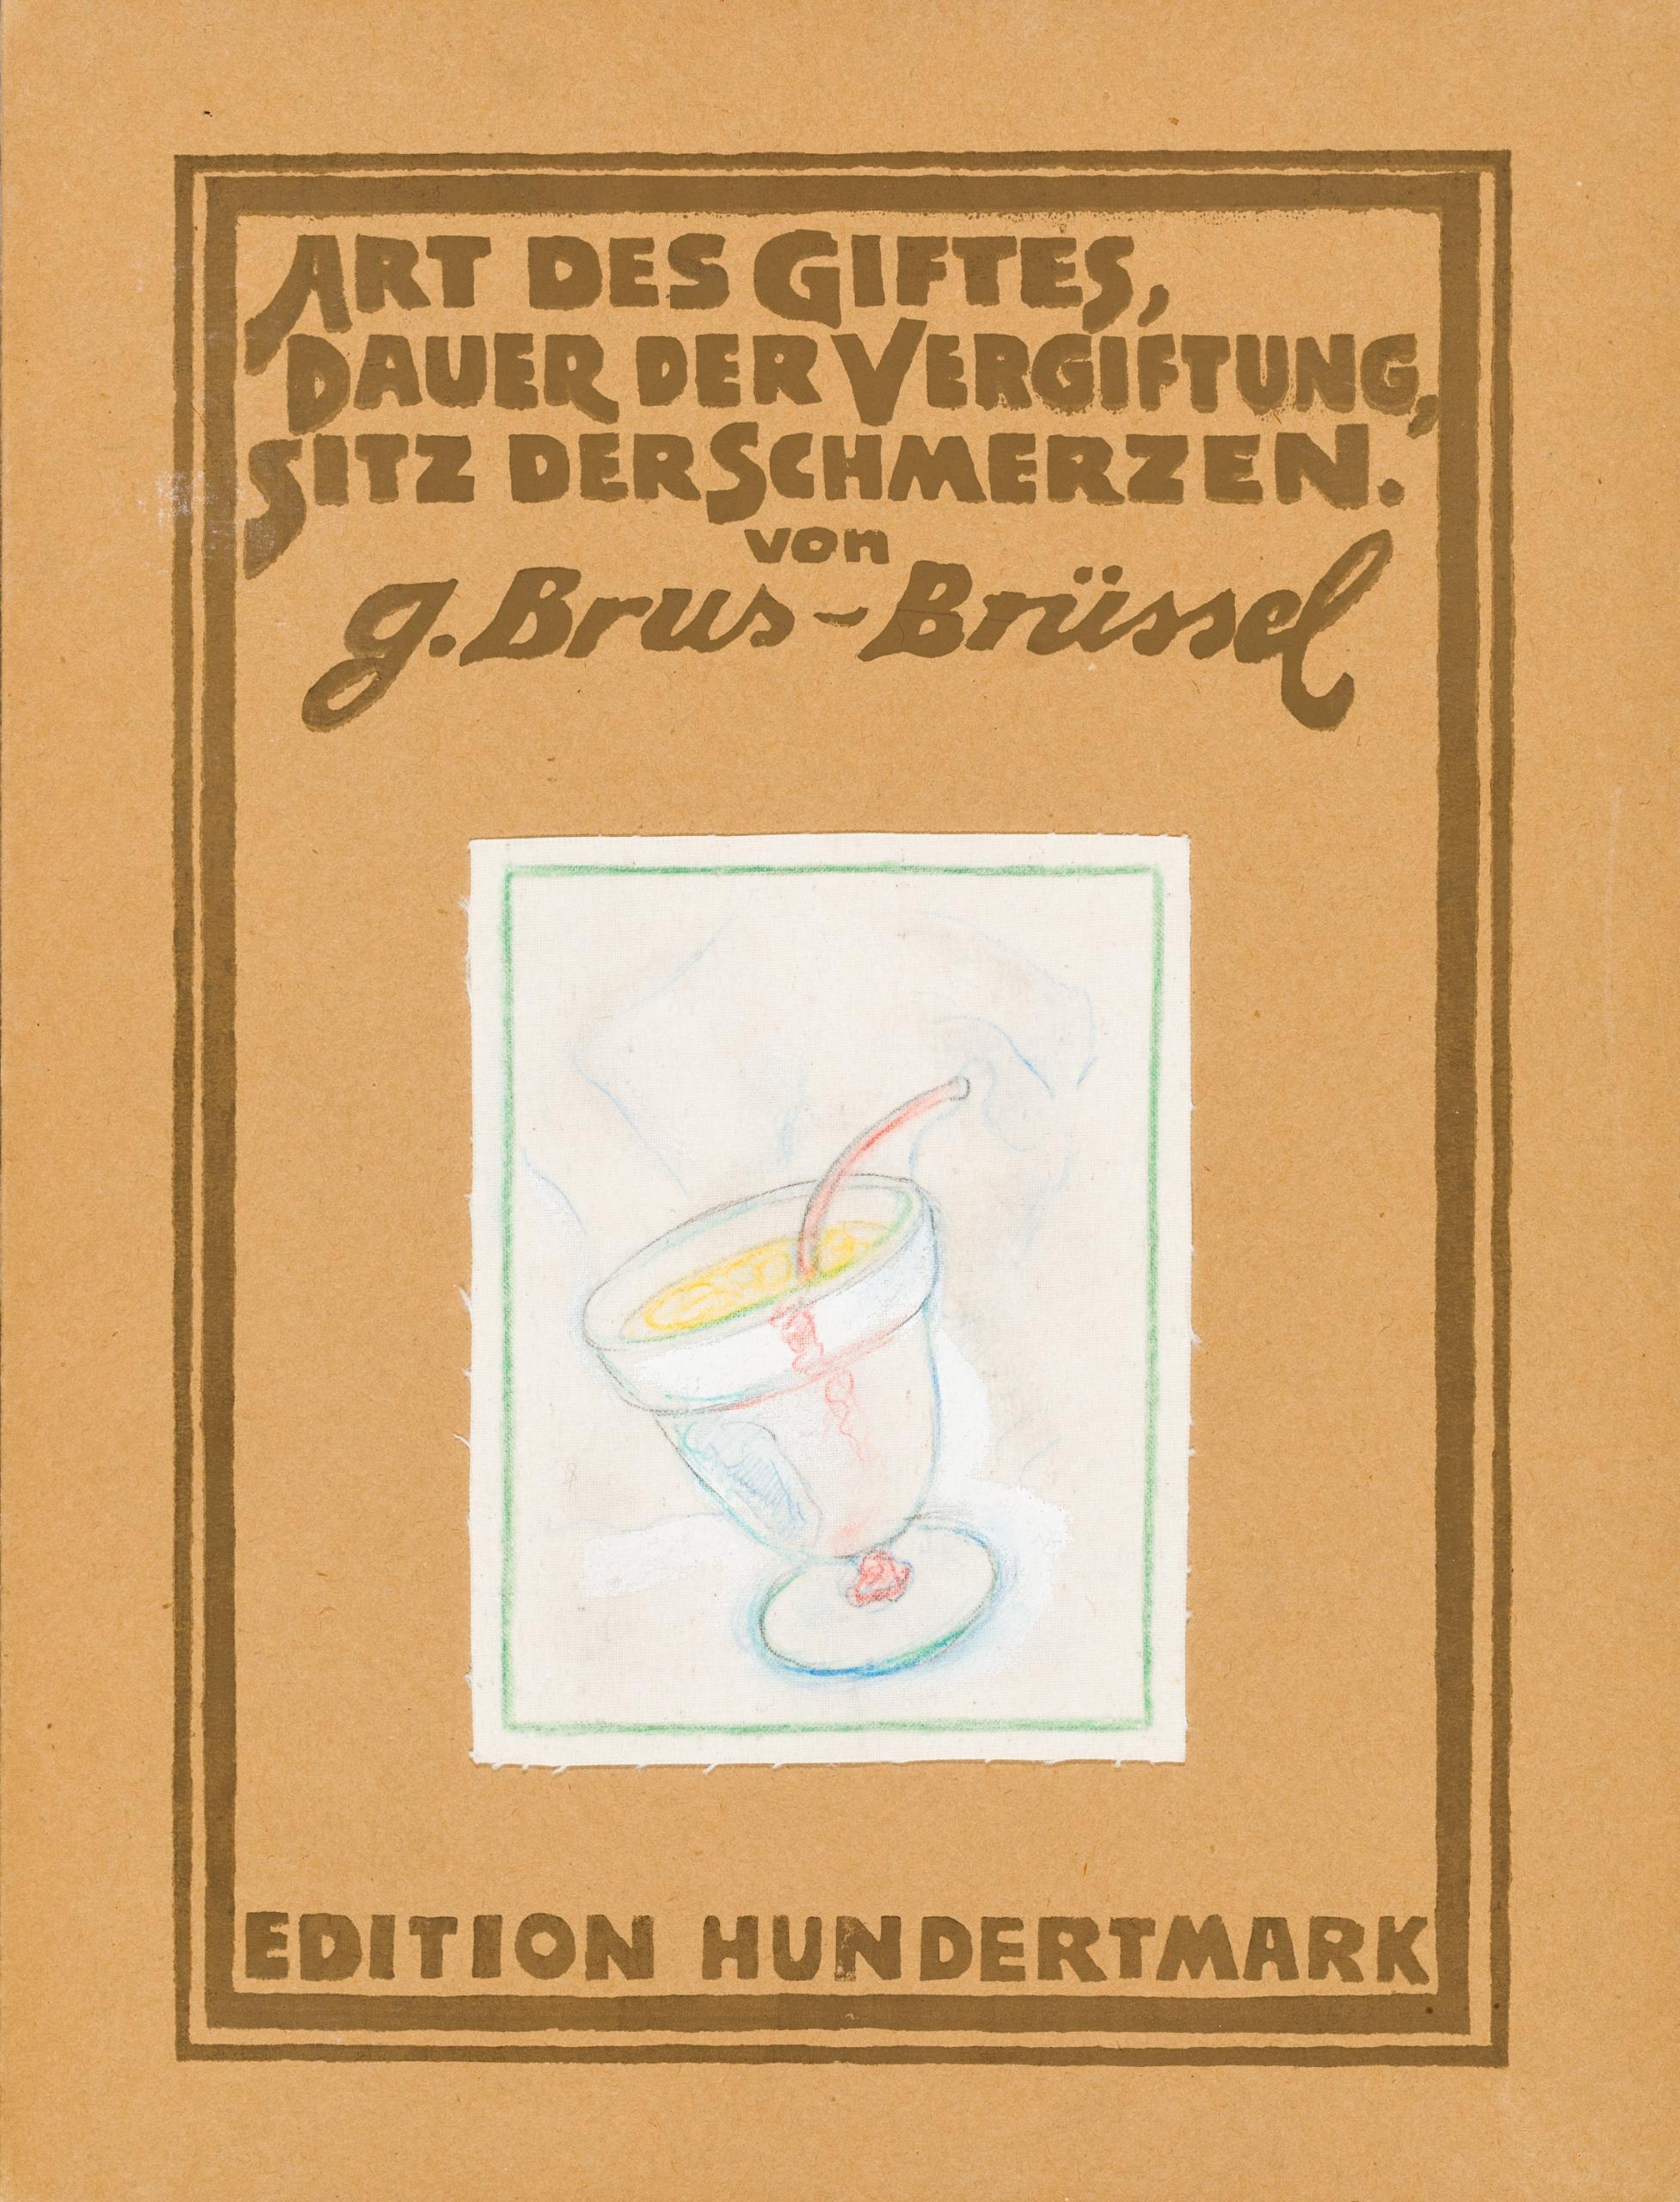 Günter Brus, Art des Giftes, Dauer der Vergiftung, Sitz der Schmerzen (fünfteilige Bildgeschichte)